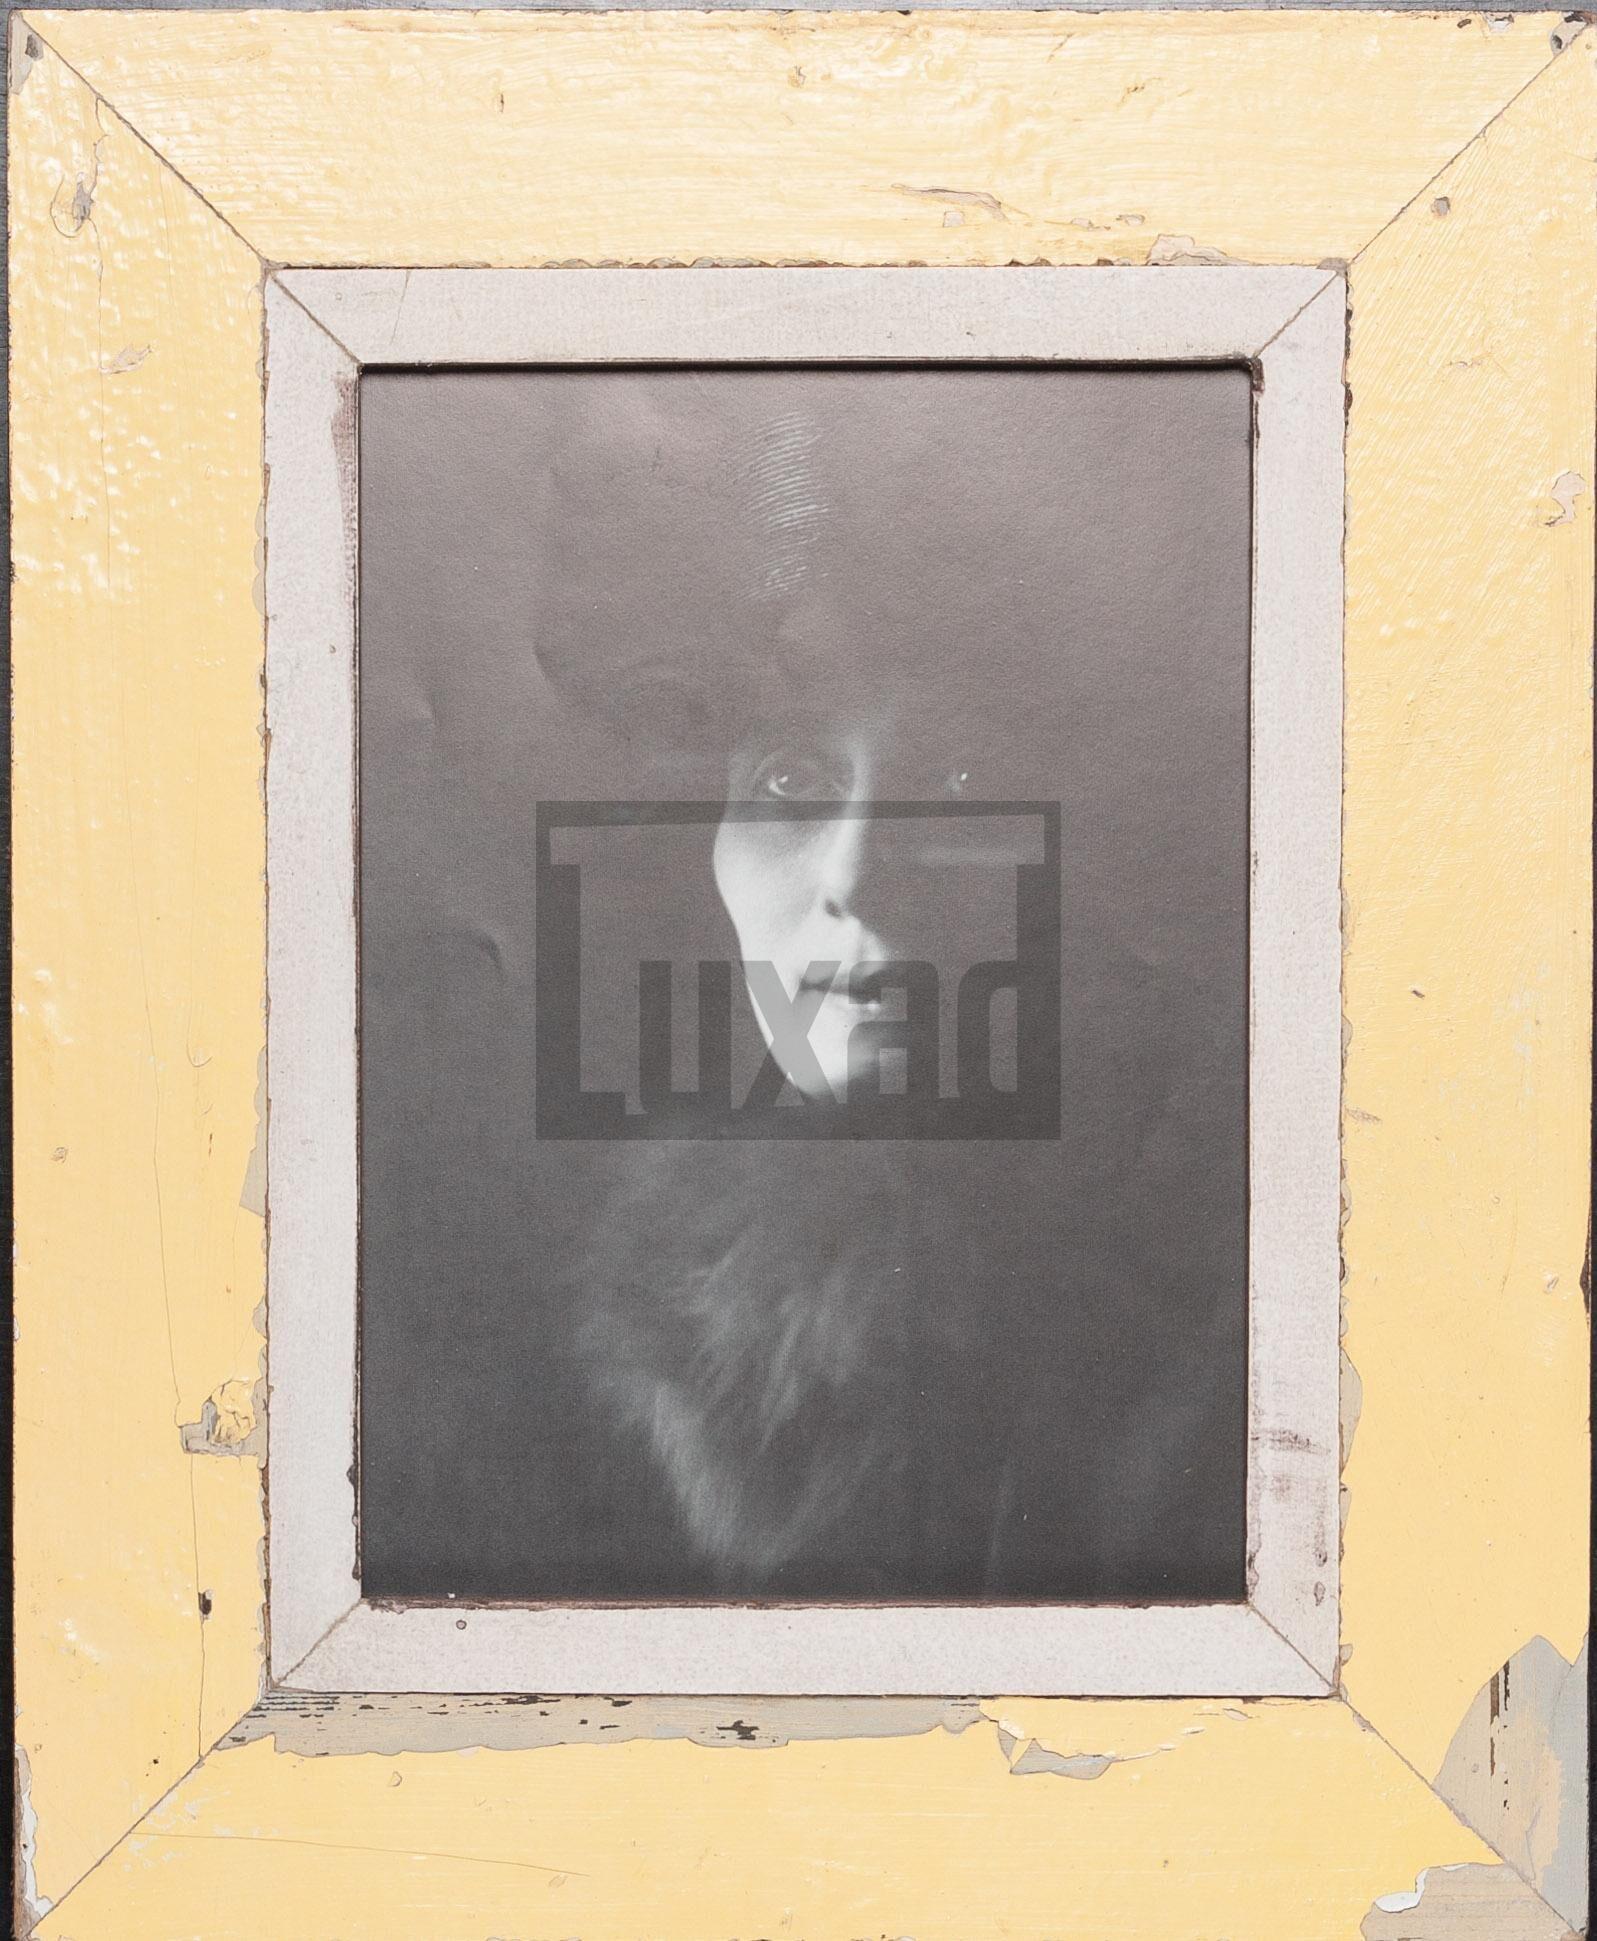 Gelber Vintage-Bilderrahmen aus altem Holz für Fotos DIN A4